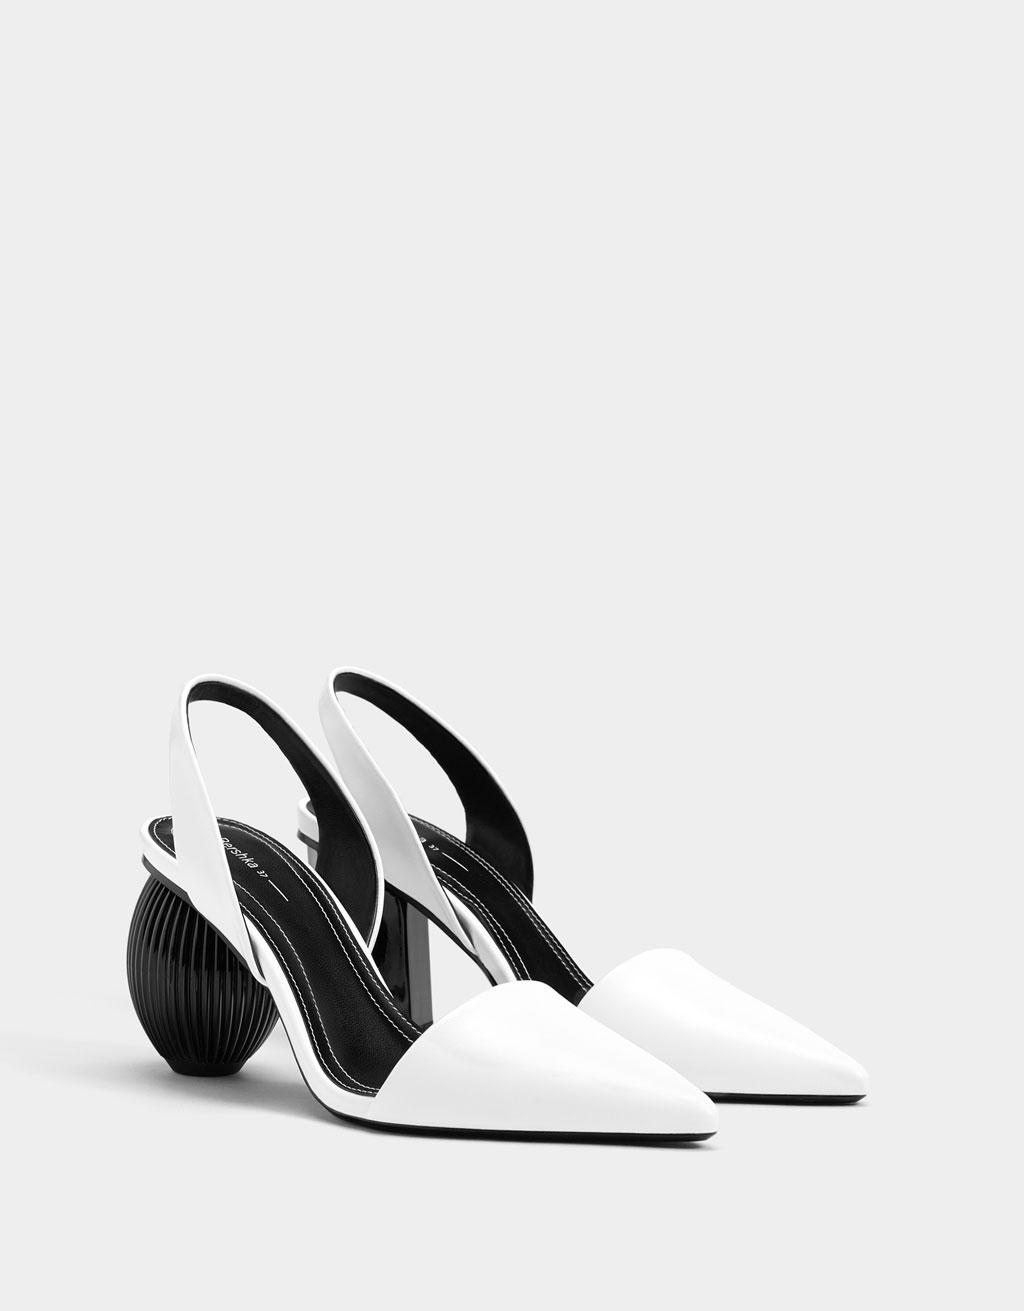 Buty bez pięty na obcasach o różnych kształtach